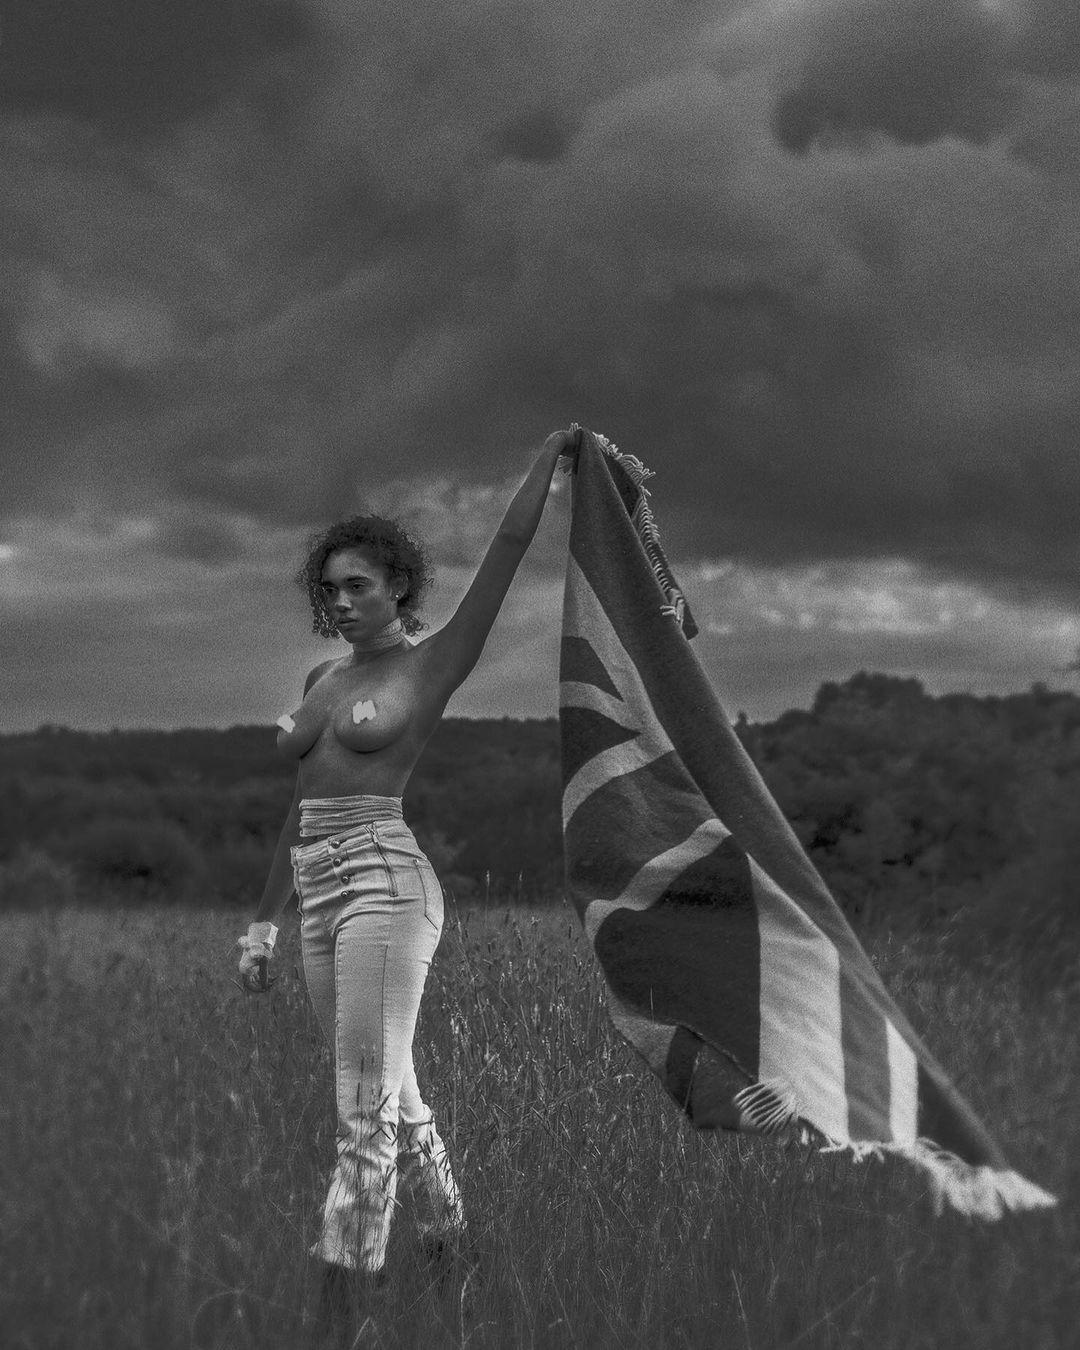 Удивительные женские образы от Хариса Нукема